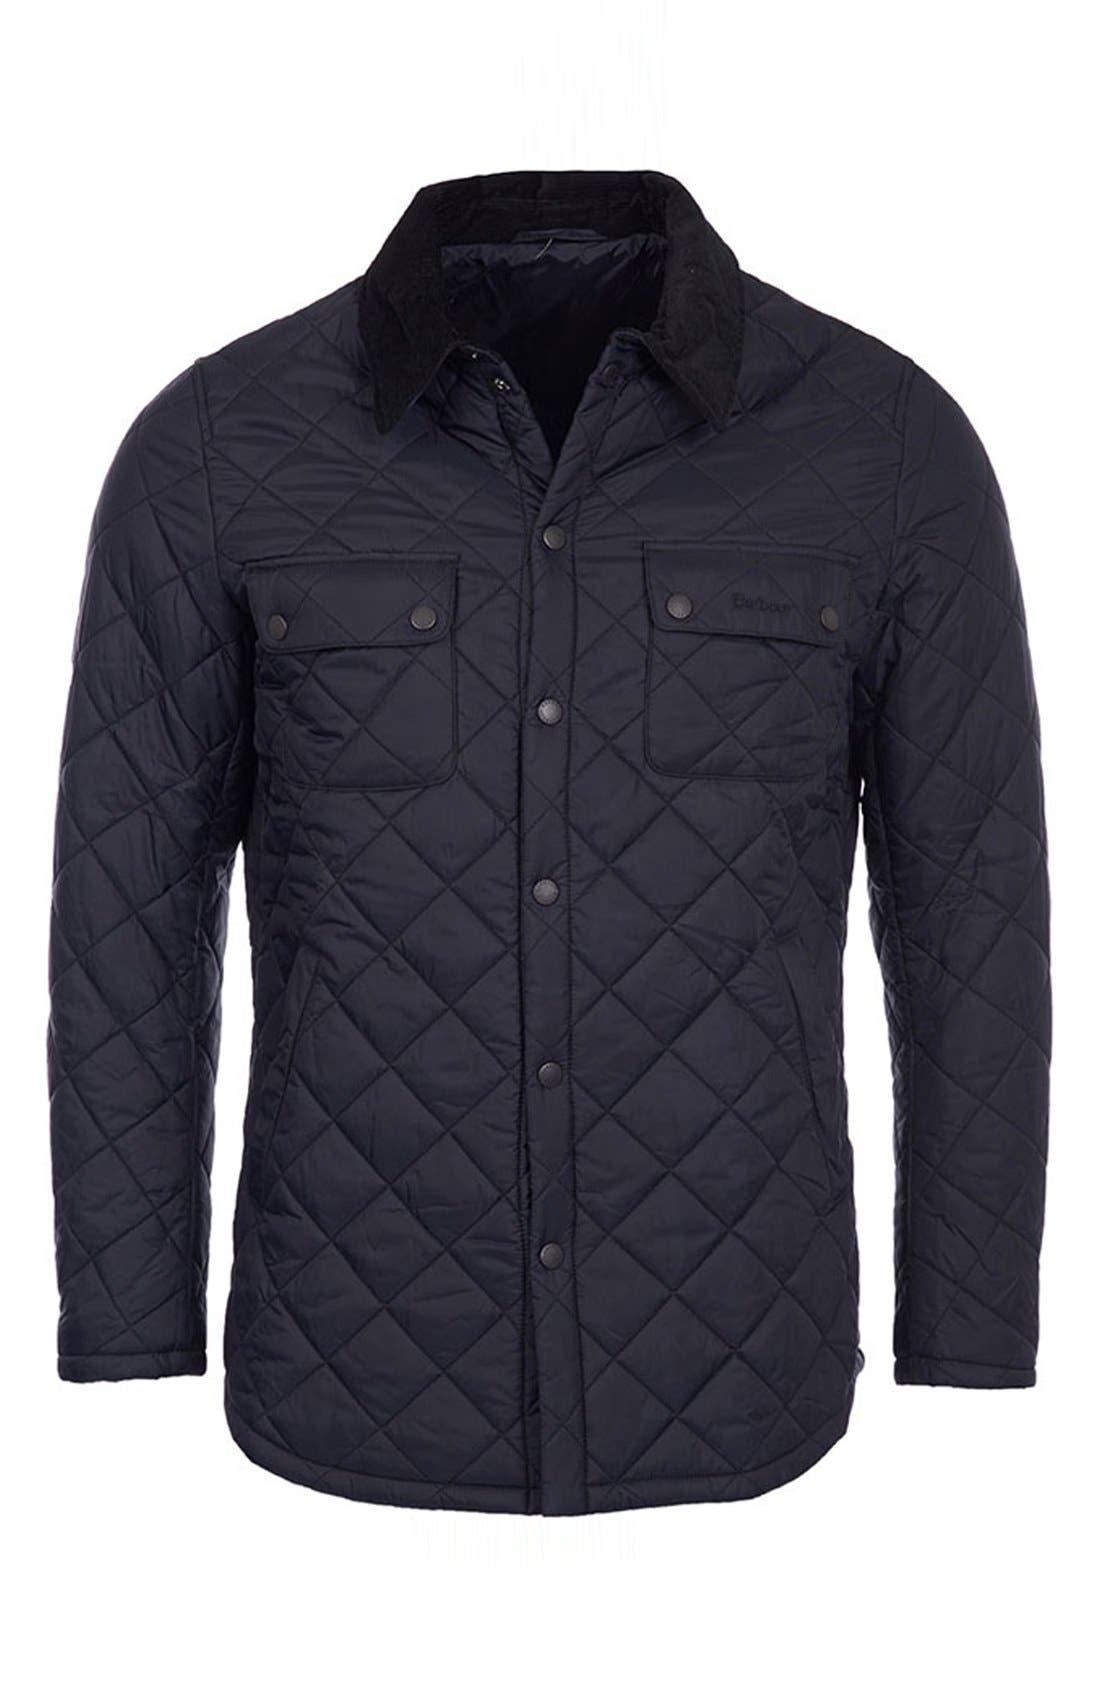 'Akenside' Regular Fit Quilted Jacket,                         Main,                         color, 001